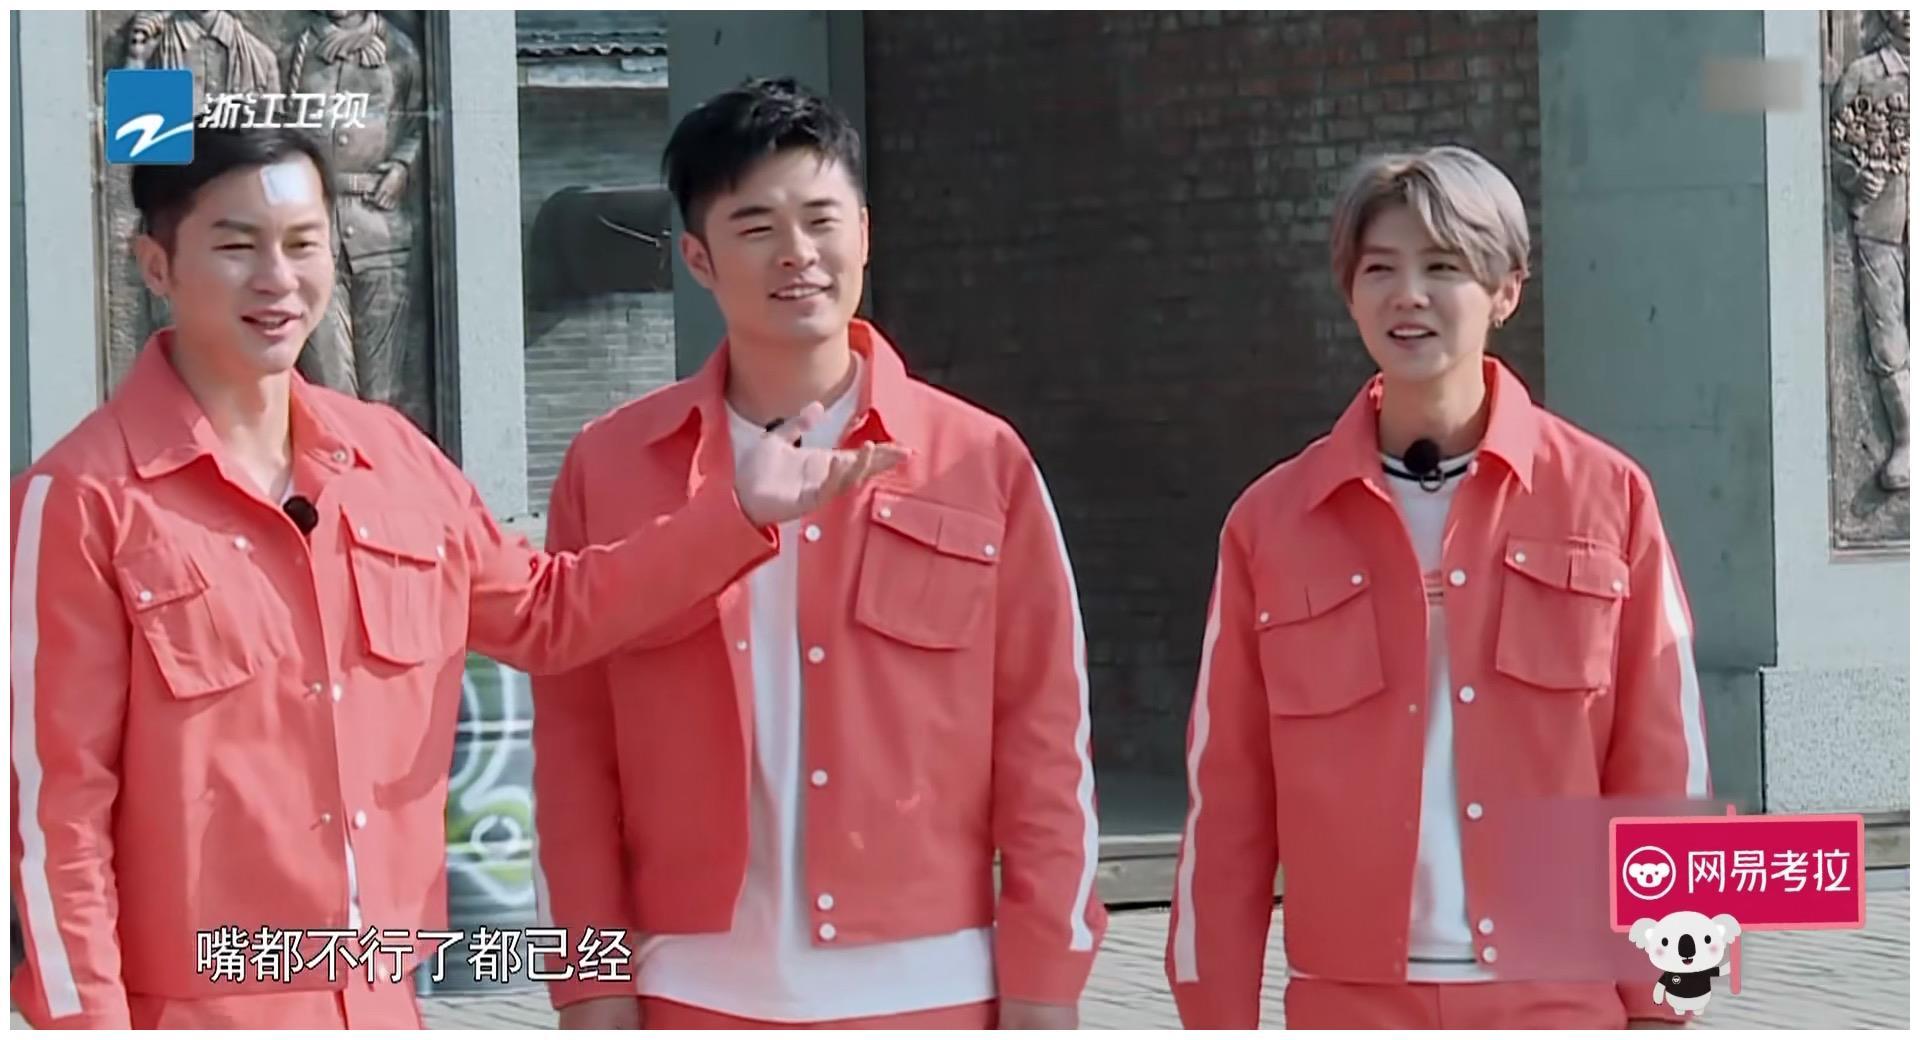 奔跑吧,鹿晗与范丞丞上演颜值PK赛你更看好谁?